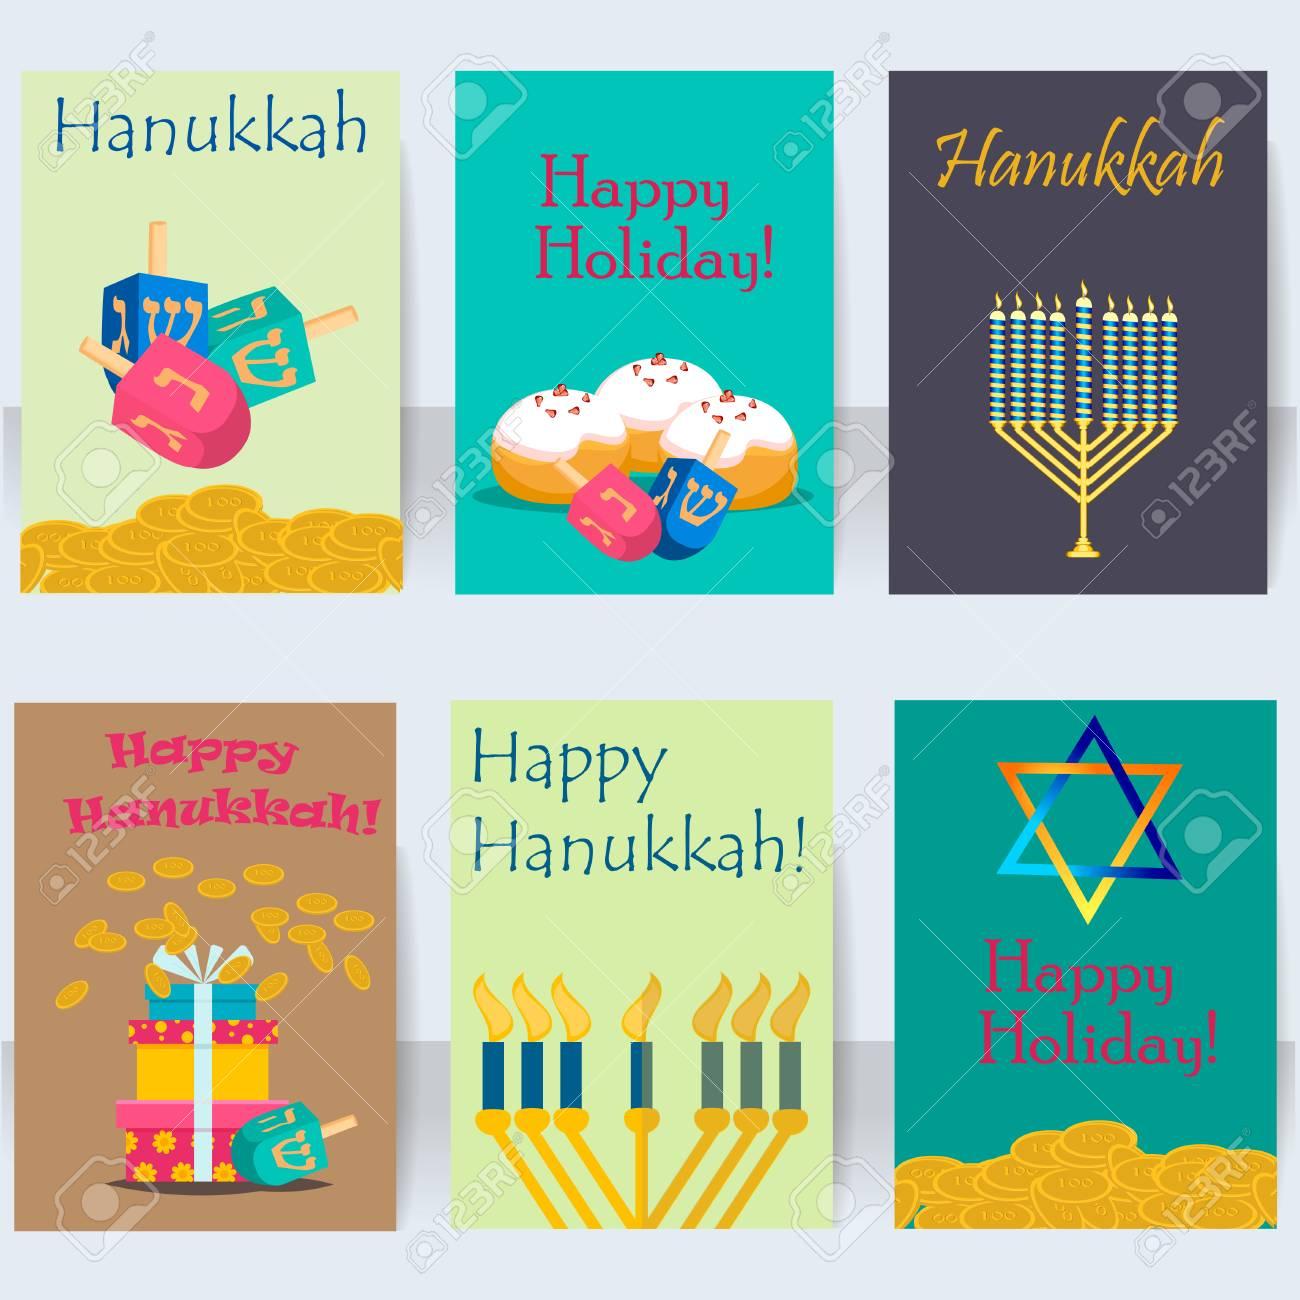 fiestas judías de hanukkah tarjetas vector conjunto religioso